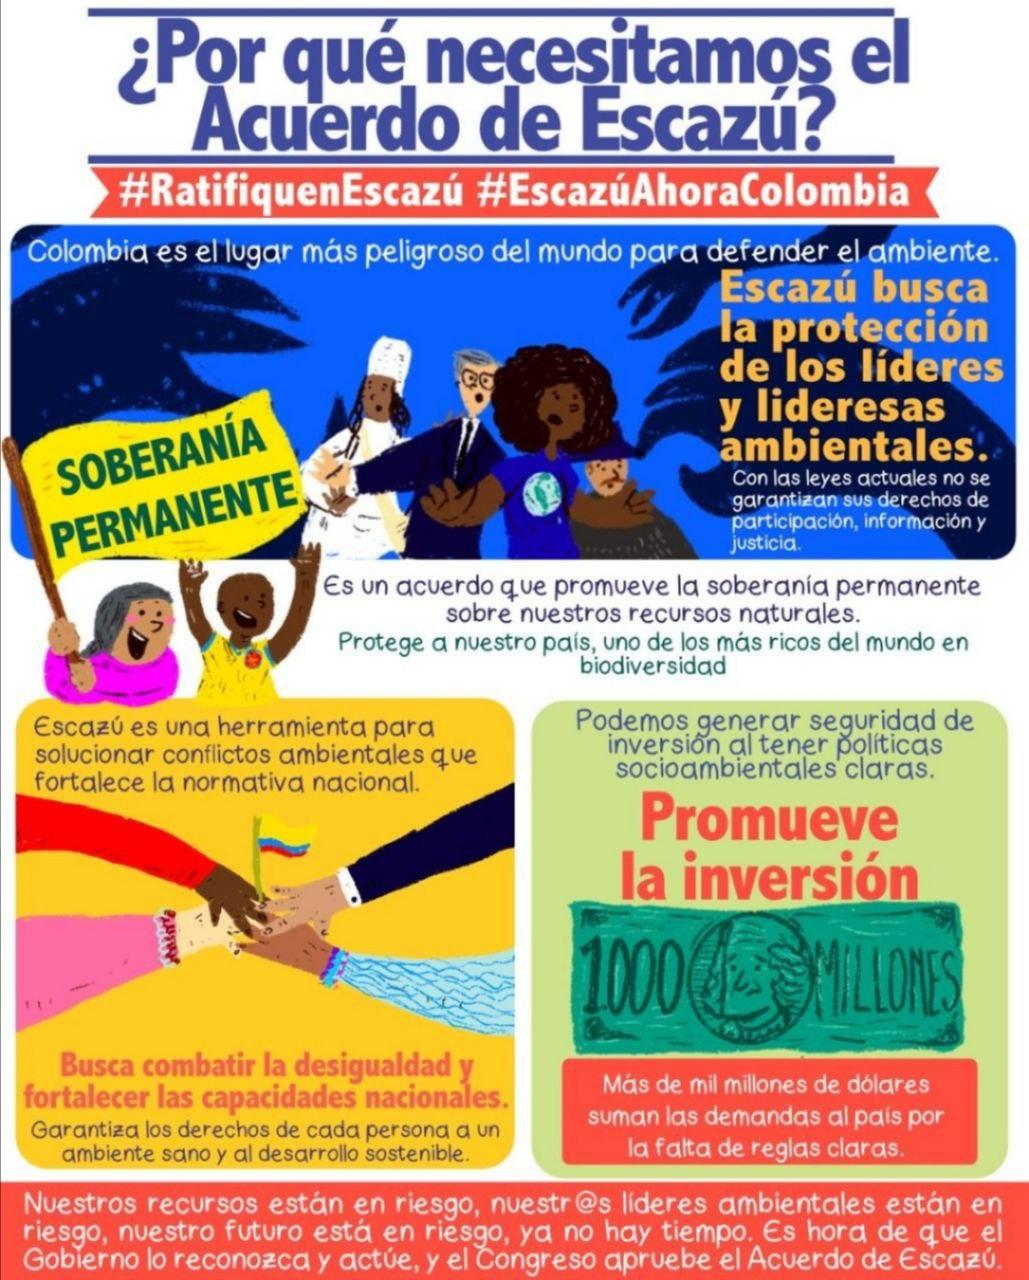 Se acaba el tiempo para el Acuerdo de Escazú en Colombia 2